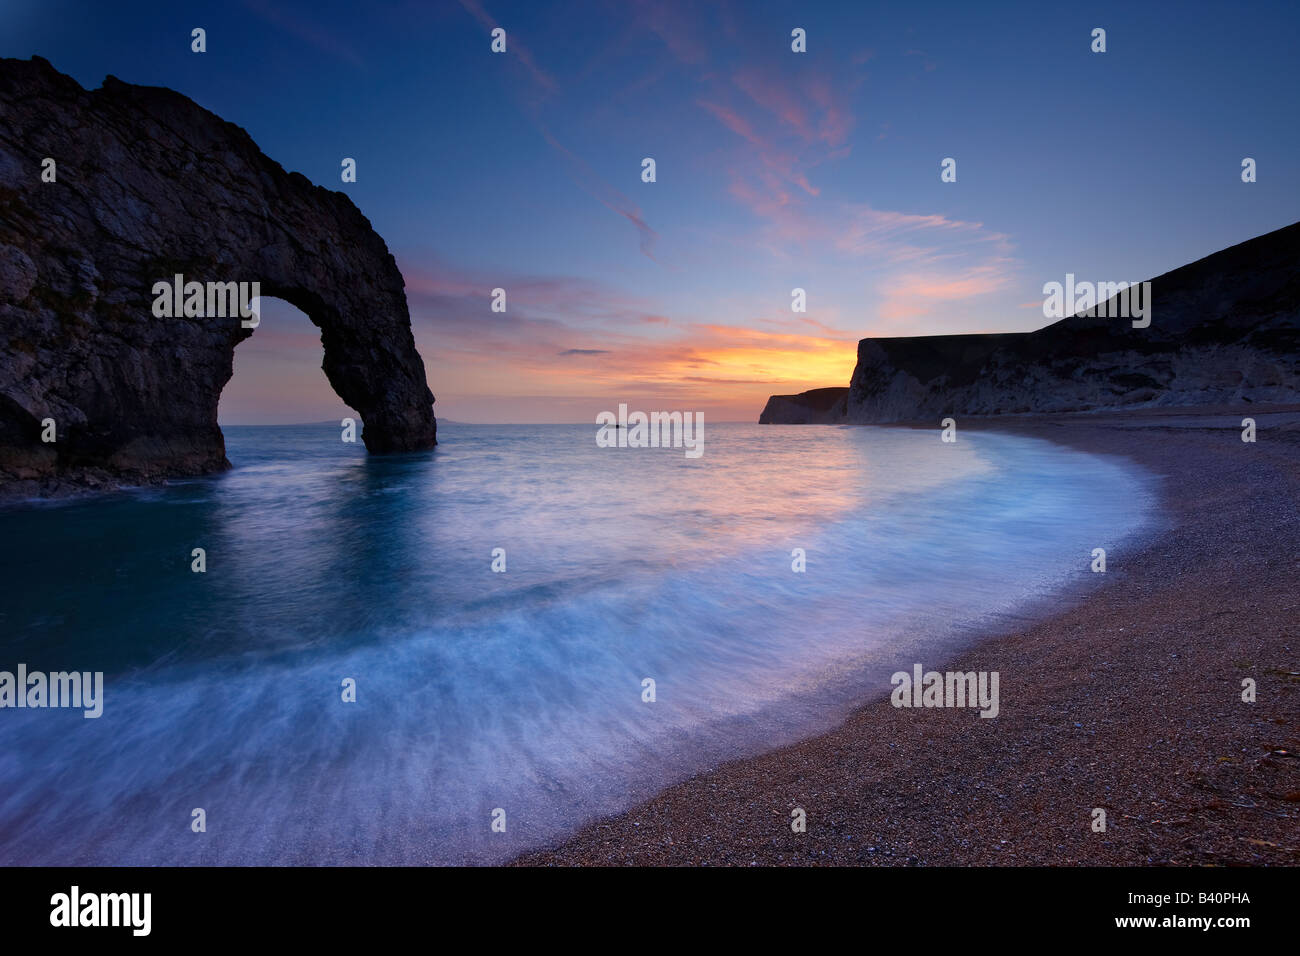 Durdle Door at dusk, Jurassic Coast (UNESCO World Heritage Site), Dorset, England, UK - Stock Image